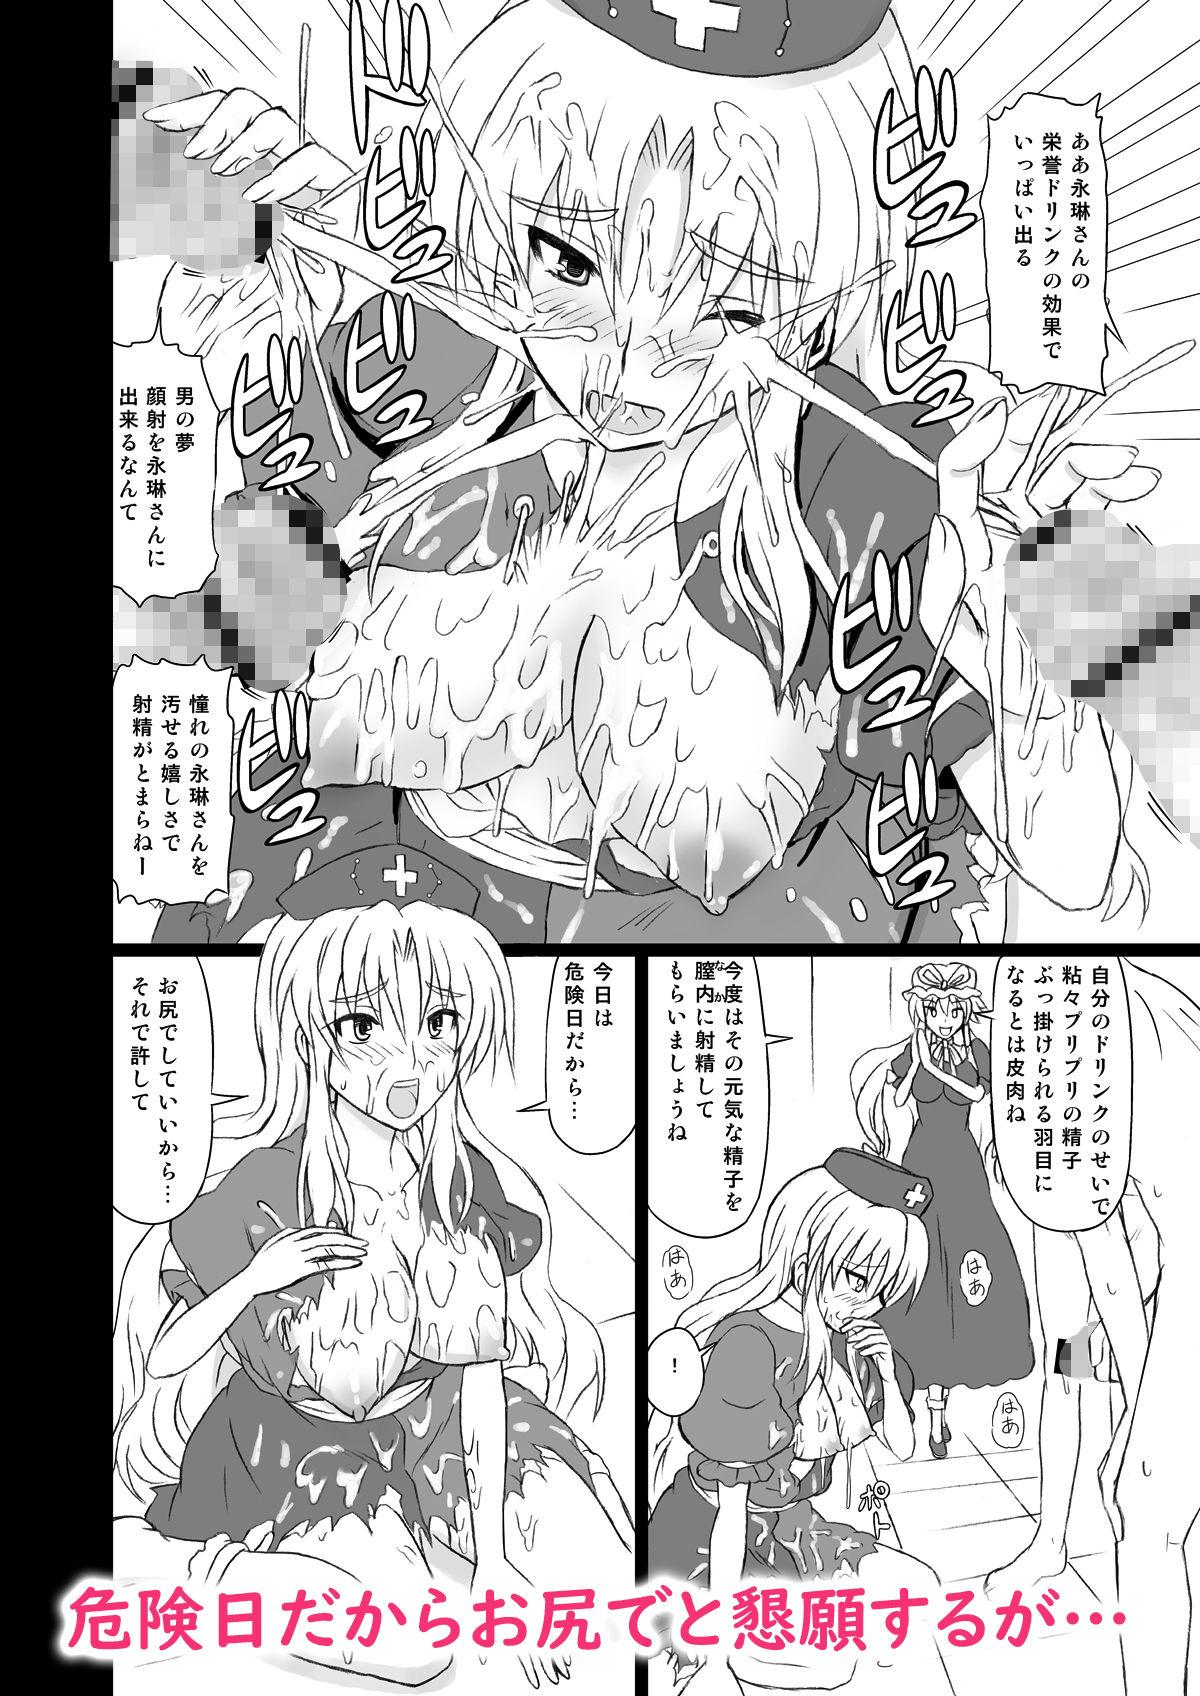 えくすてんどぱ~てぃ~3 エロアニメ画像